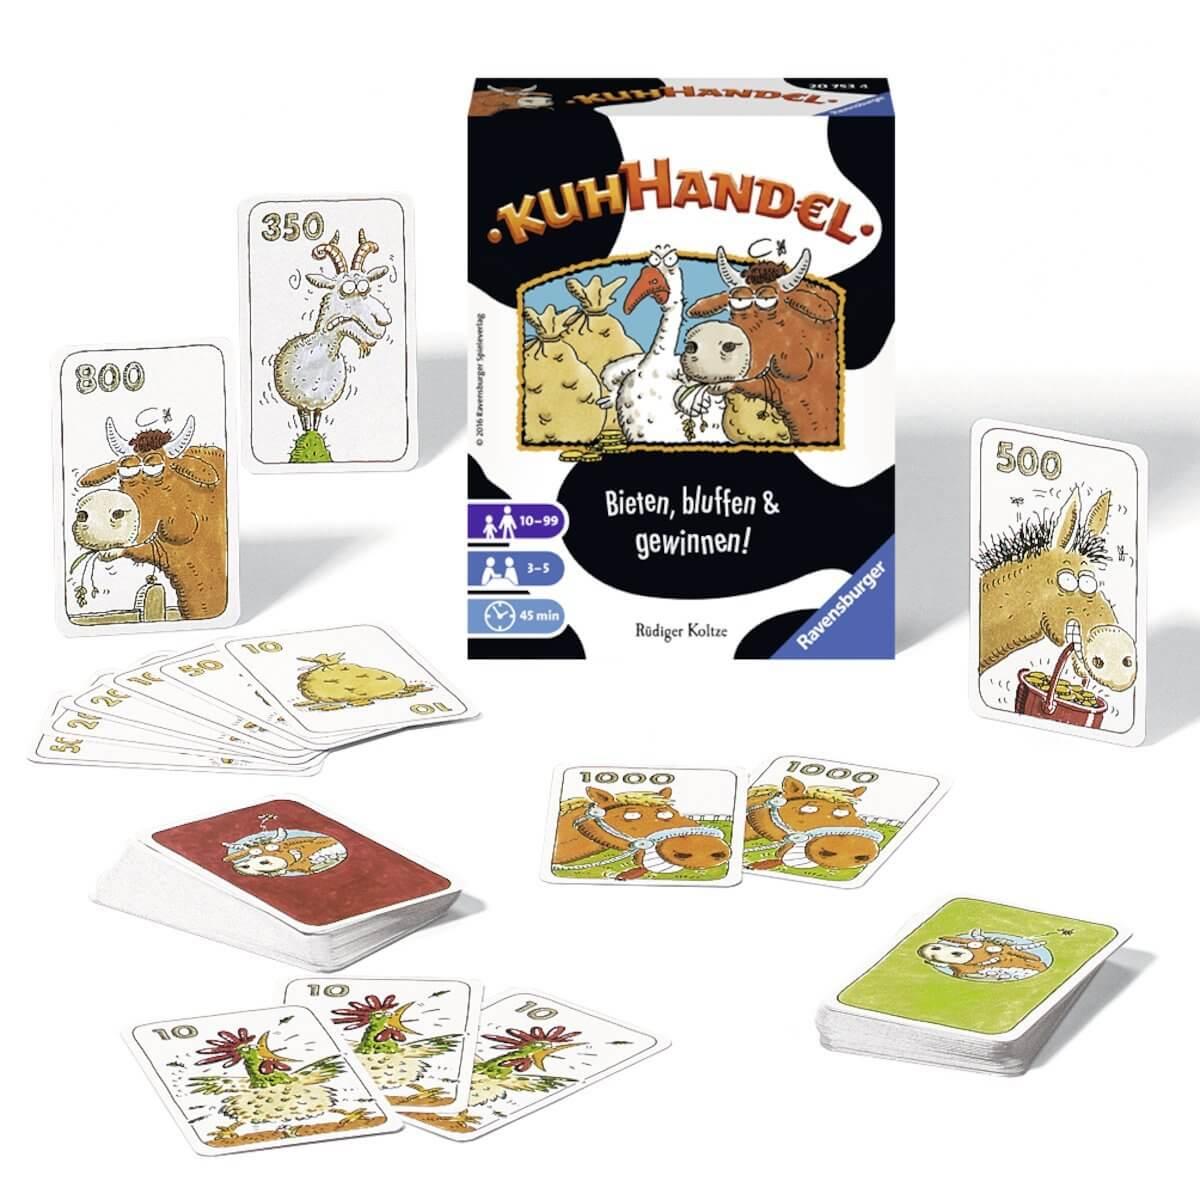 Schachtel mit Spielkarten - Bieten, bluffen & gewinnen!- Kuhhandel